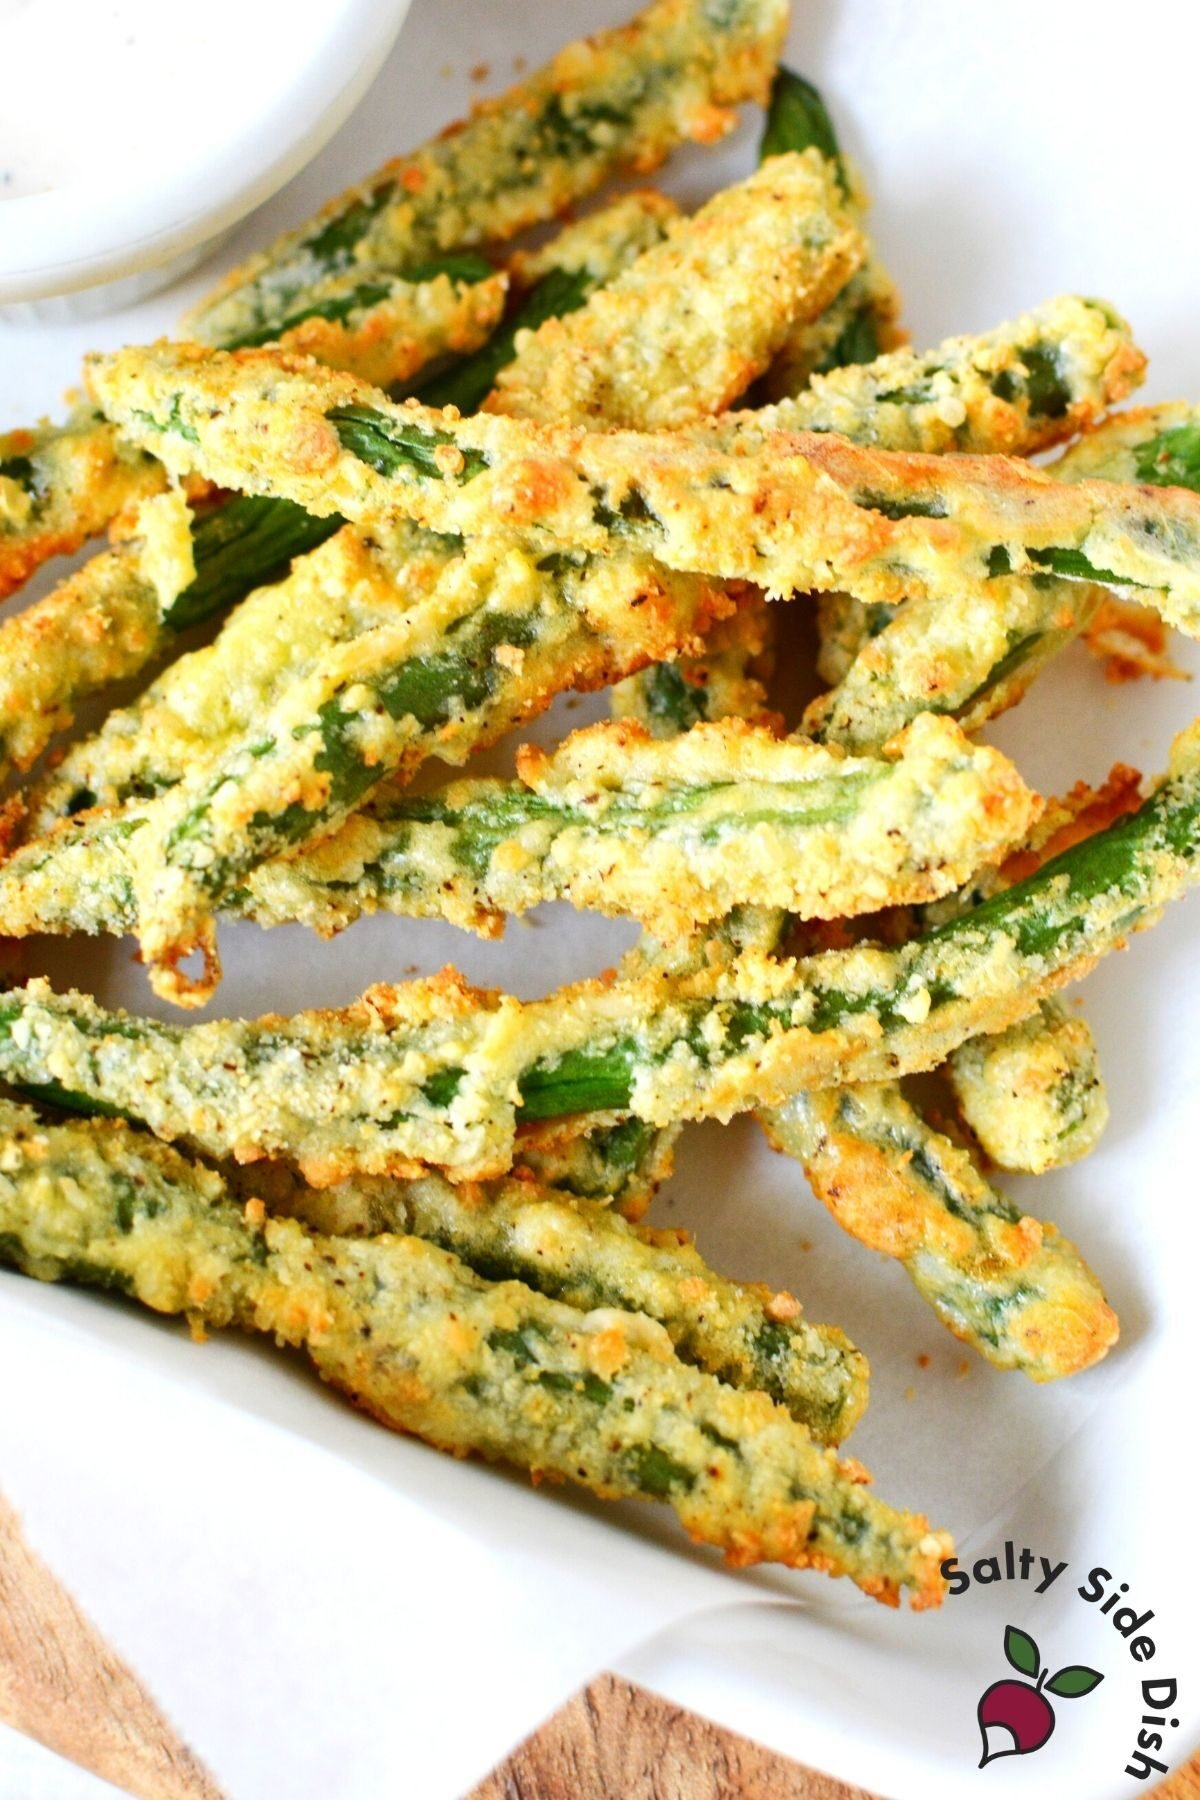 ninja foodi air fryer green beans.